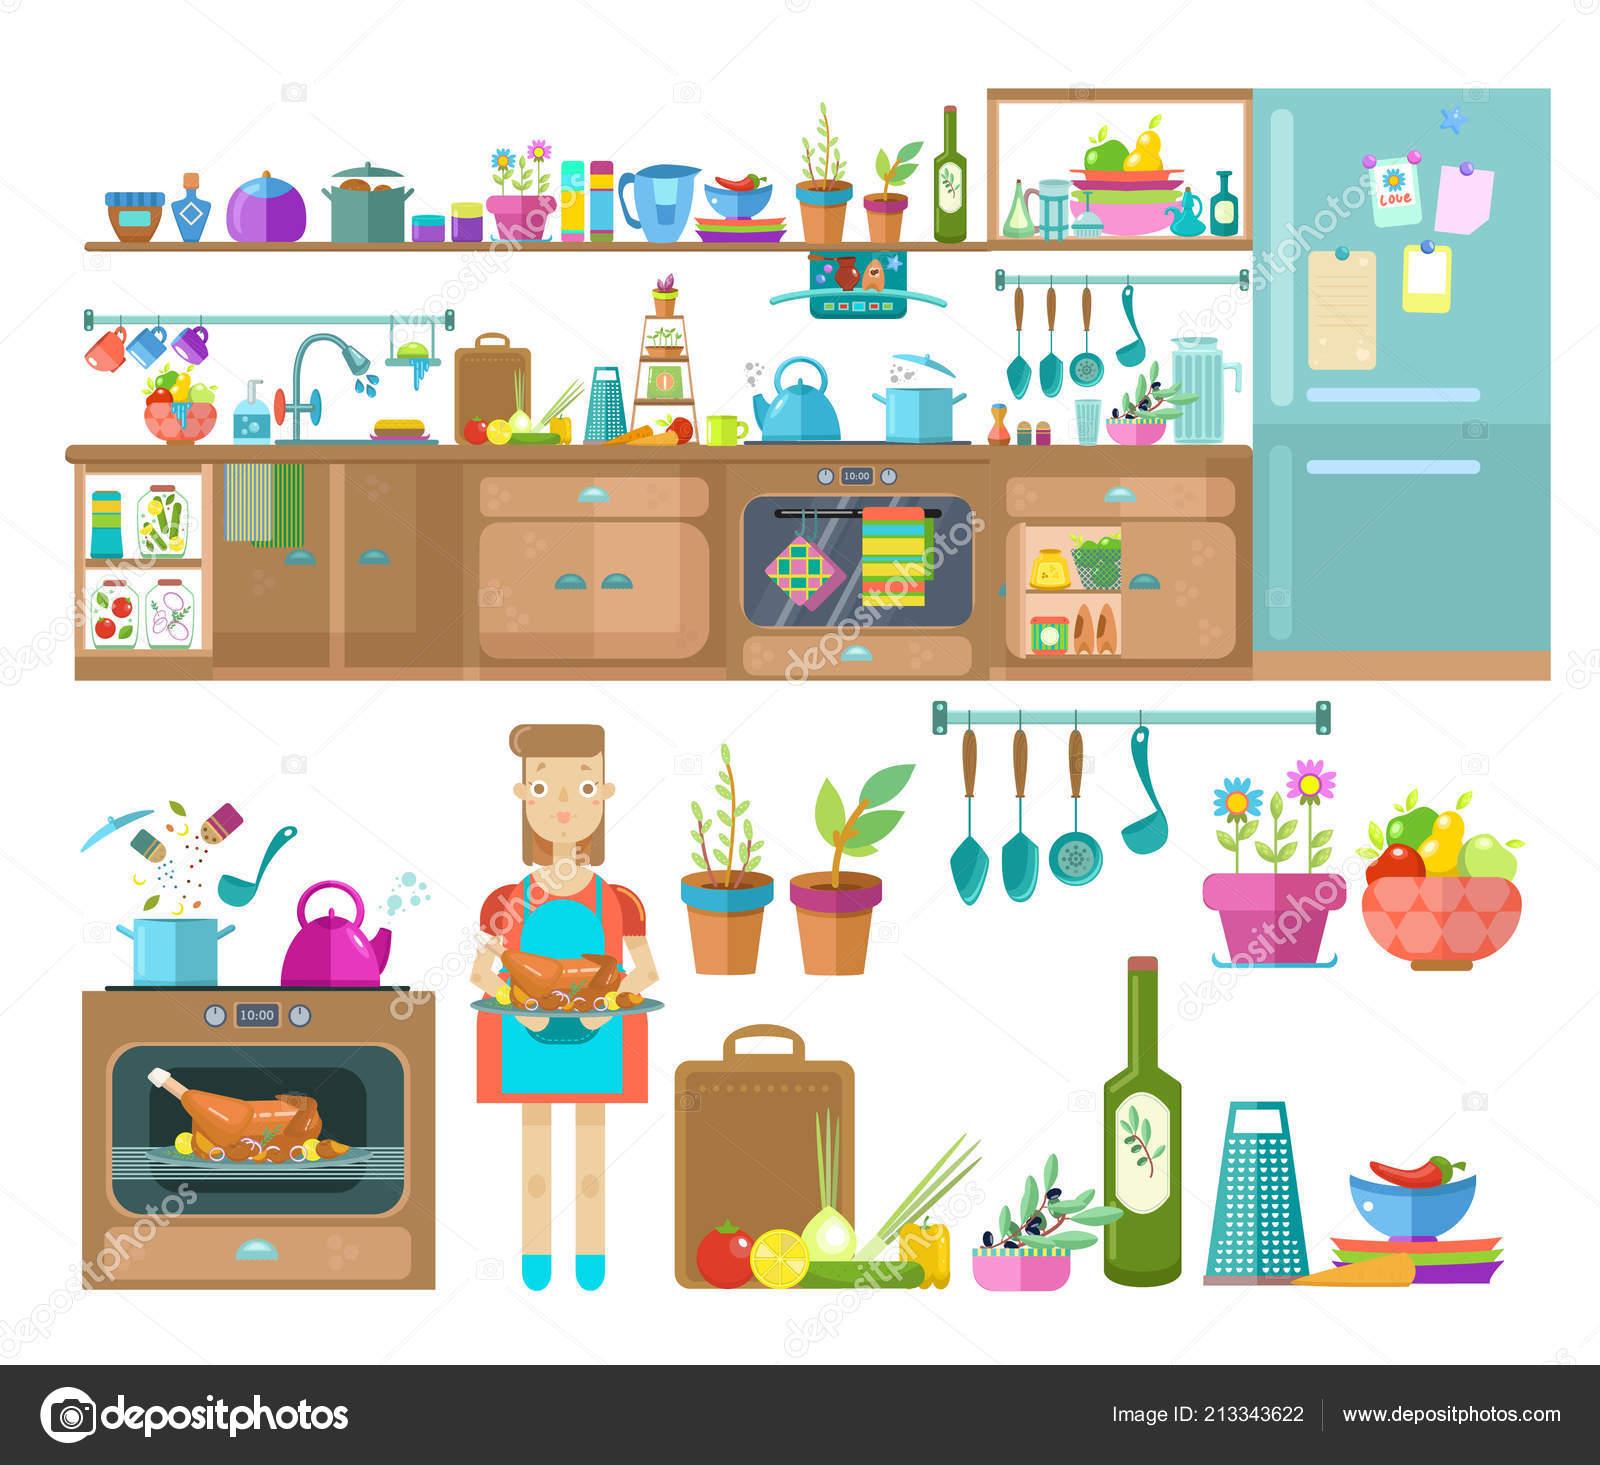 Disegni: oggetti cucina | Disegno Interno Della Cucina ...